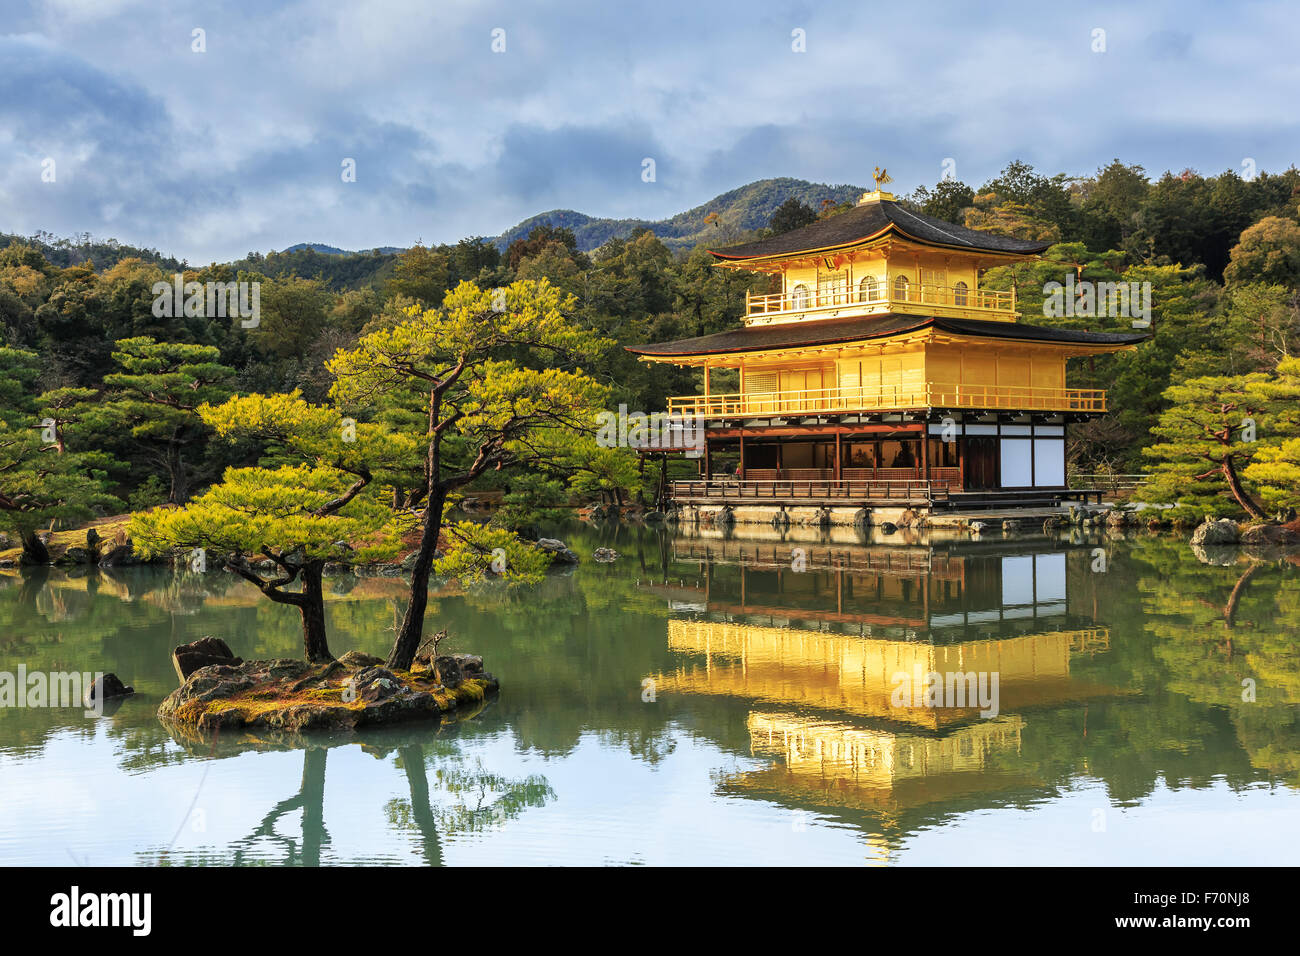 Il padiglione dorato a Kinkakuji Temple, Kyoto in Giappone Immagini Stock